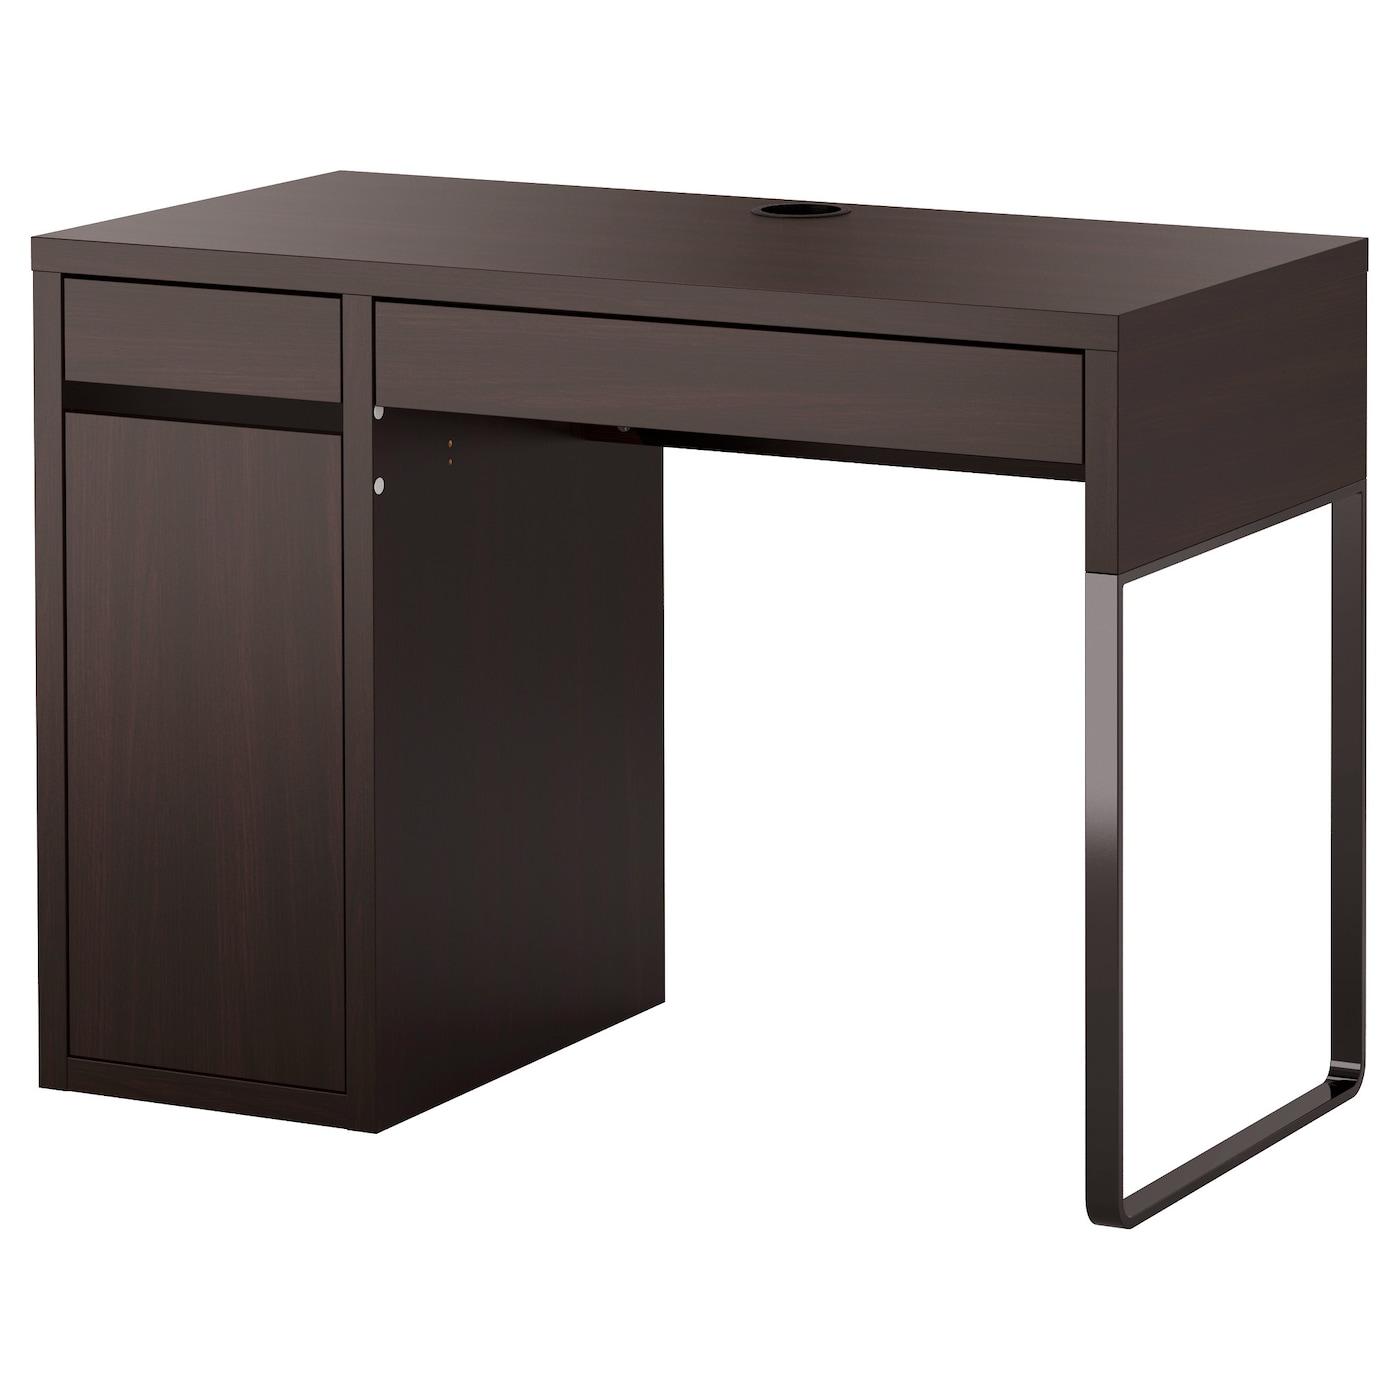 MICKE, Schreibtisch, schwarzbraun 102.447.43